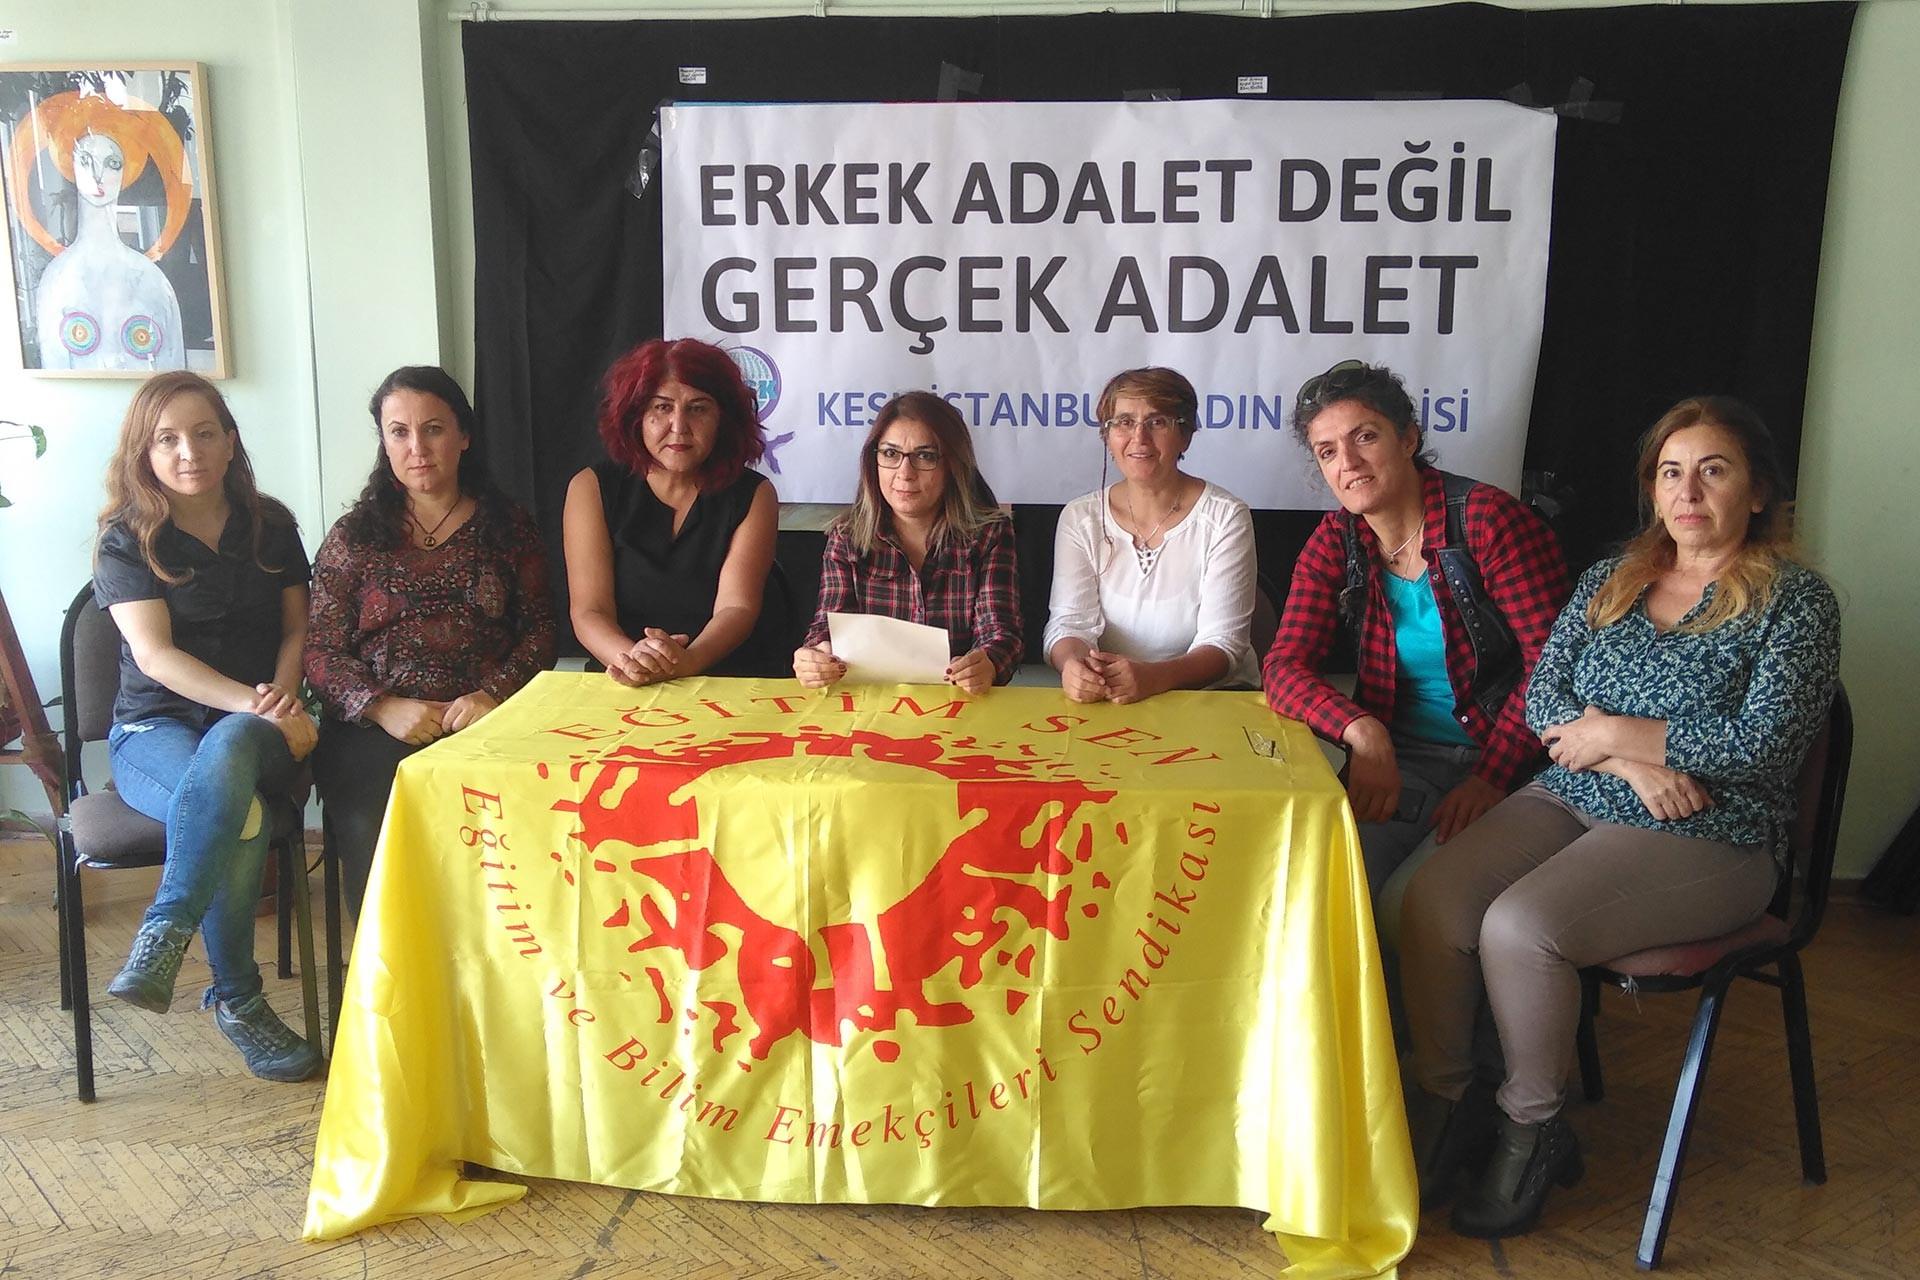 KESK İstanbul Kadın Meclisi: Şengül Karaca için gerçek adalet istiyoruz